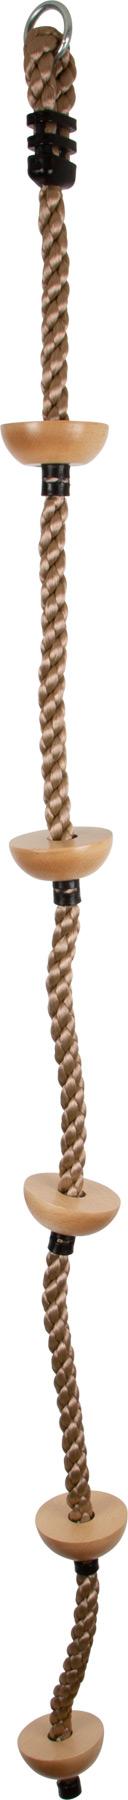 Small Foot Dětské šplhací lano s nášlapnými body